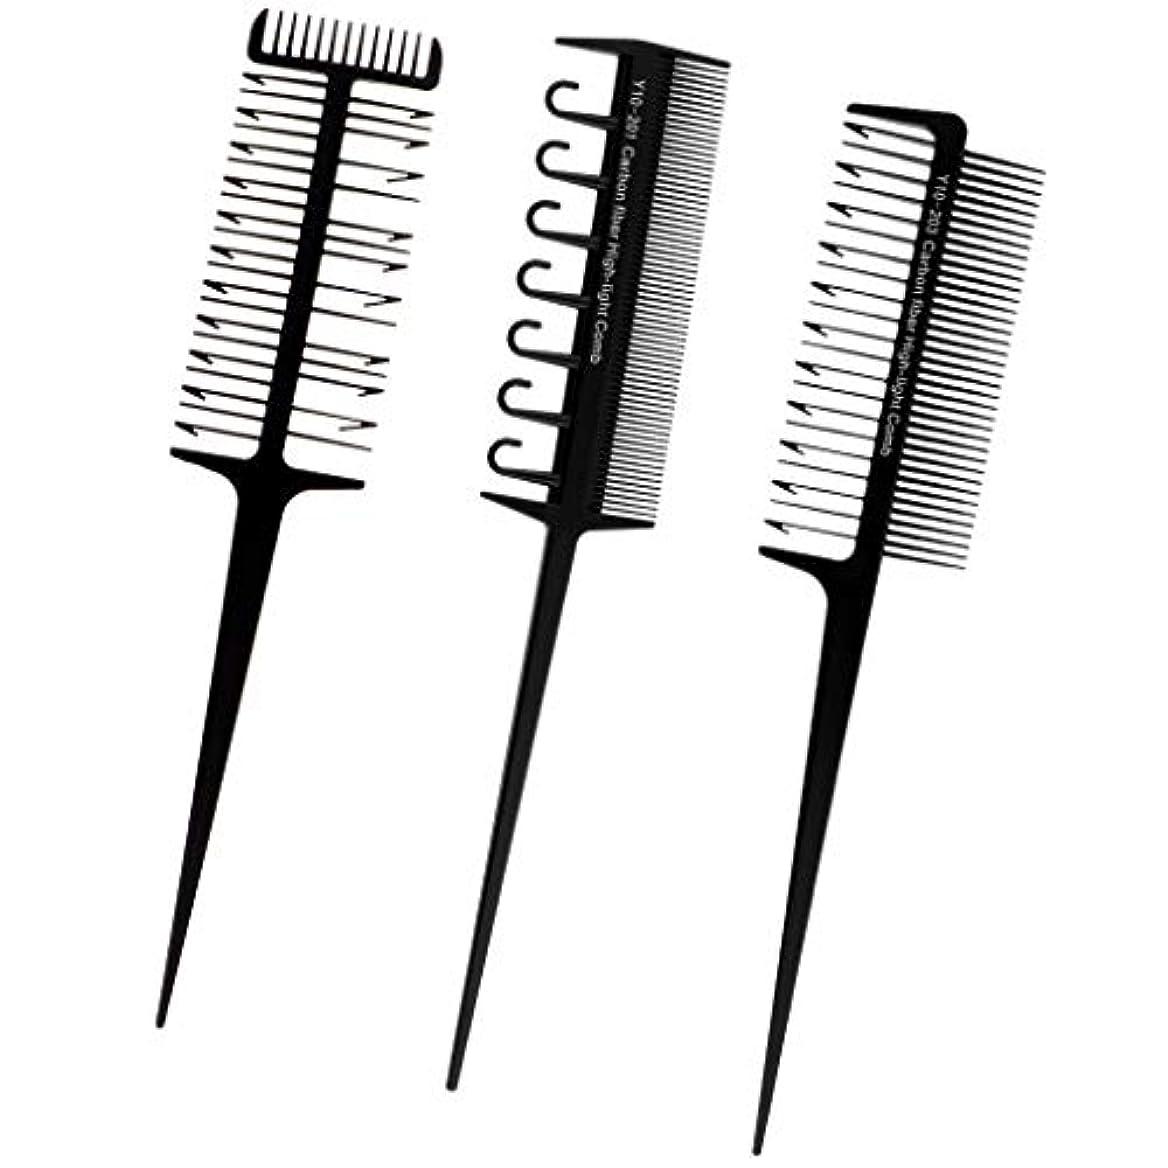 祝福ハムヶ月目へアカラーセット 3本セット ヘアダイブラシ DIY髪染め用 サロン 美髪師用 ヘアカラーの用具